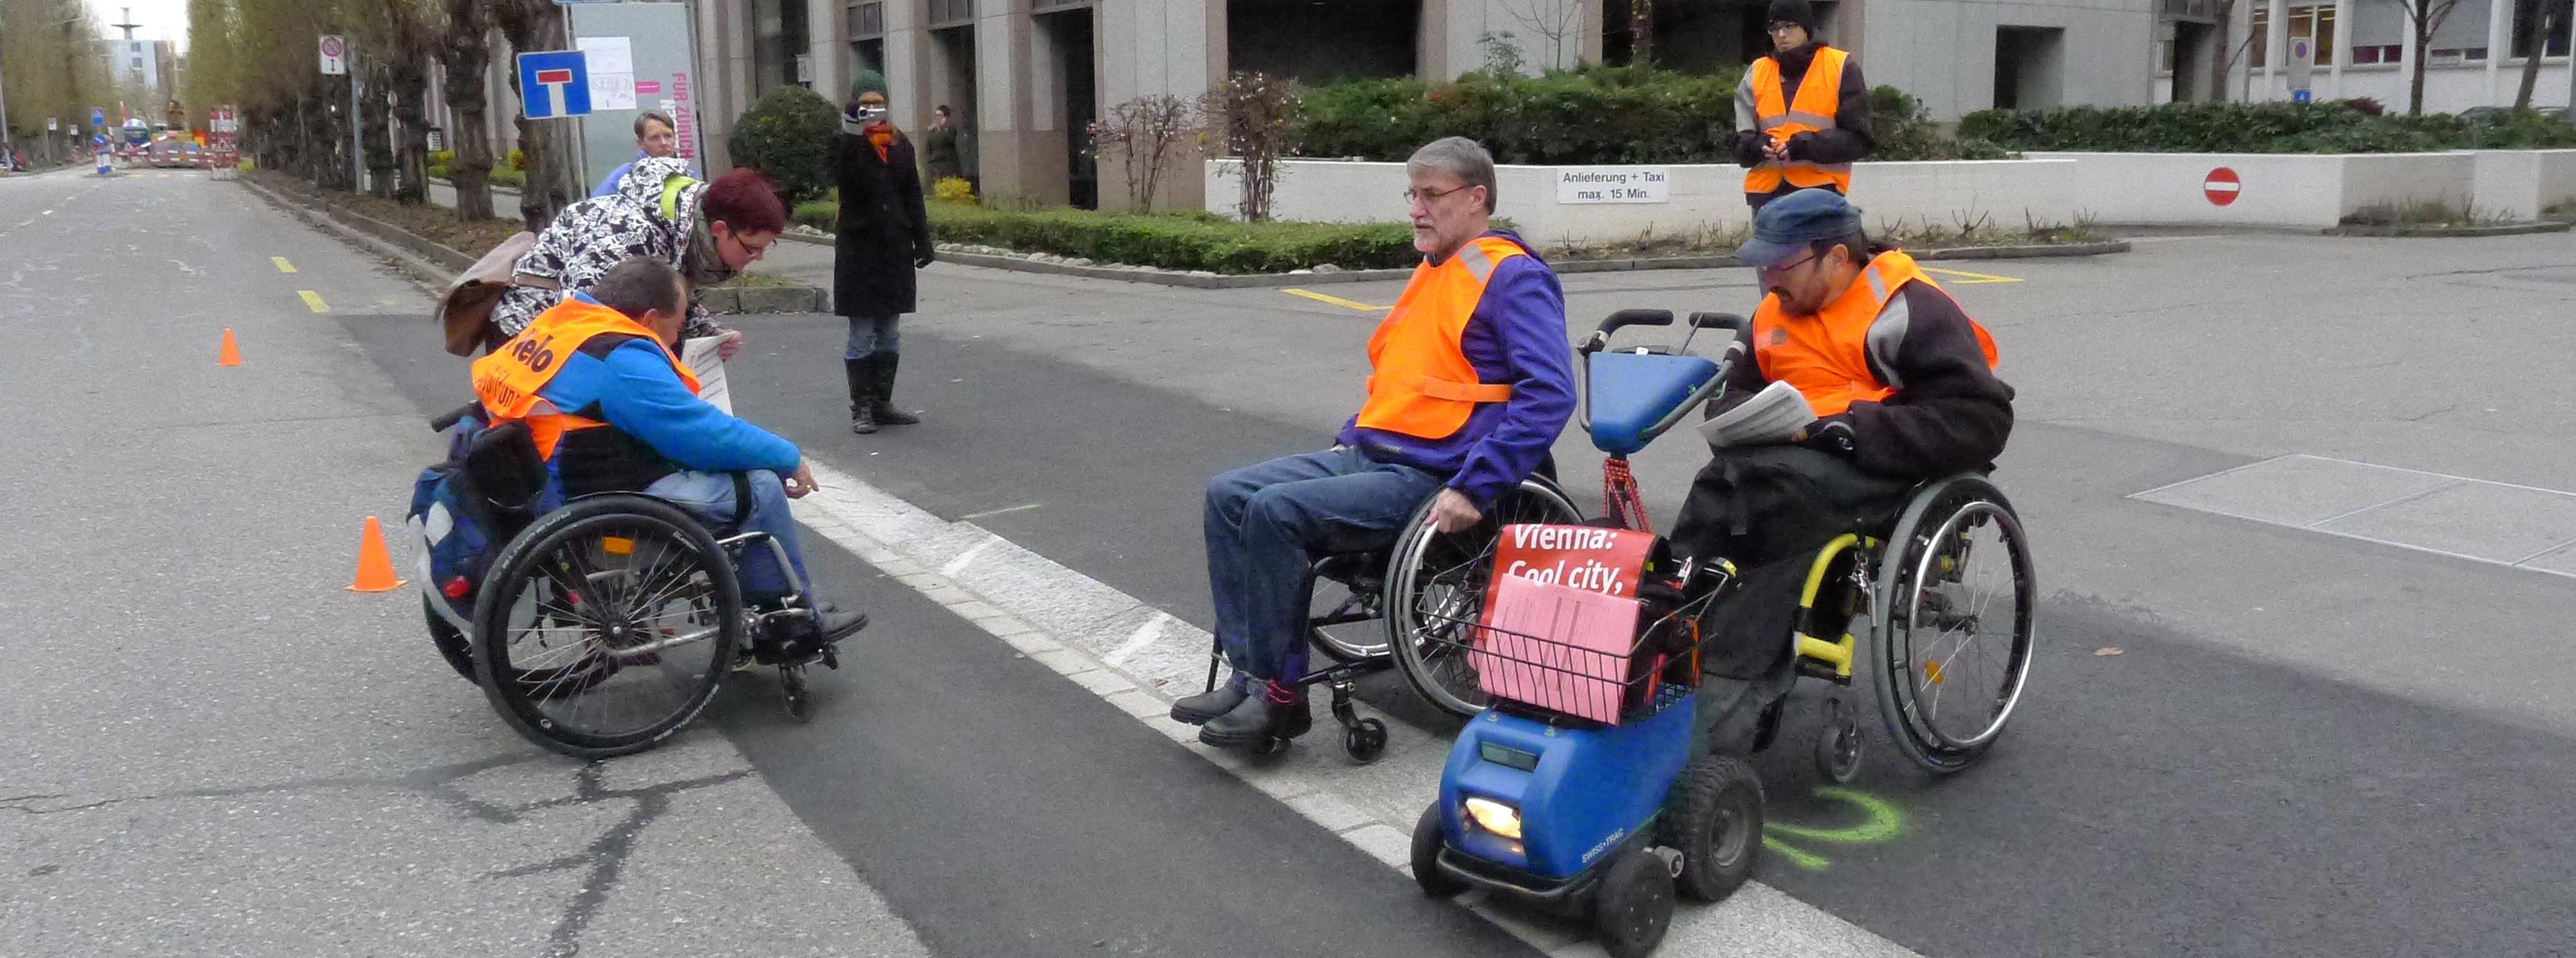 Test mit Rollstuhlfahrern an der Förrlibuckstrasse